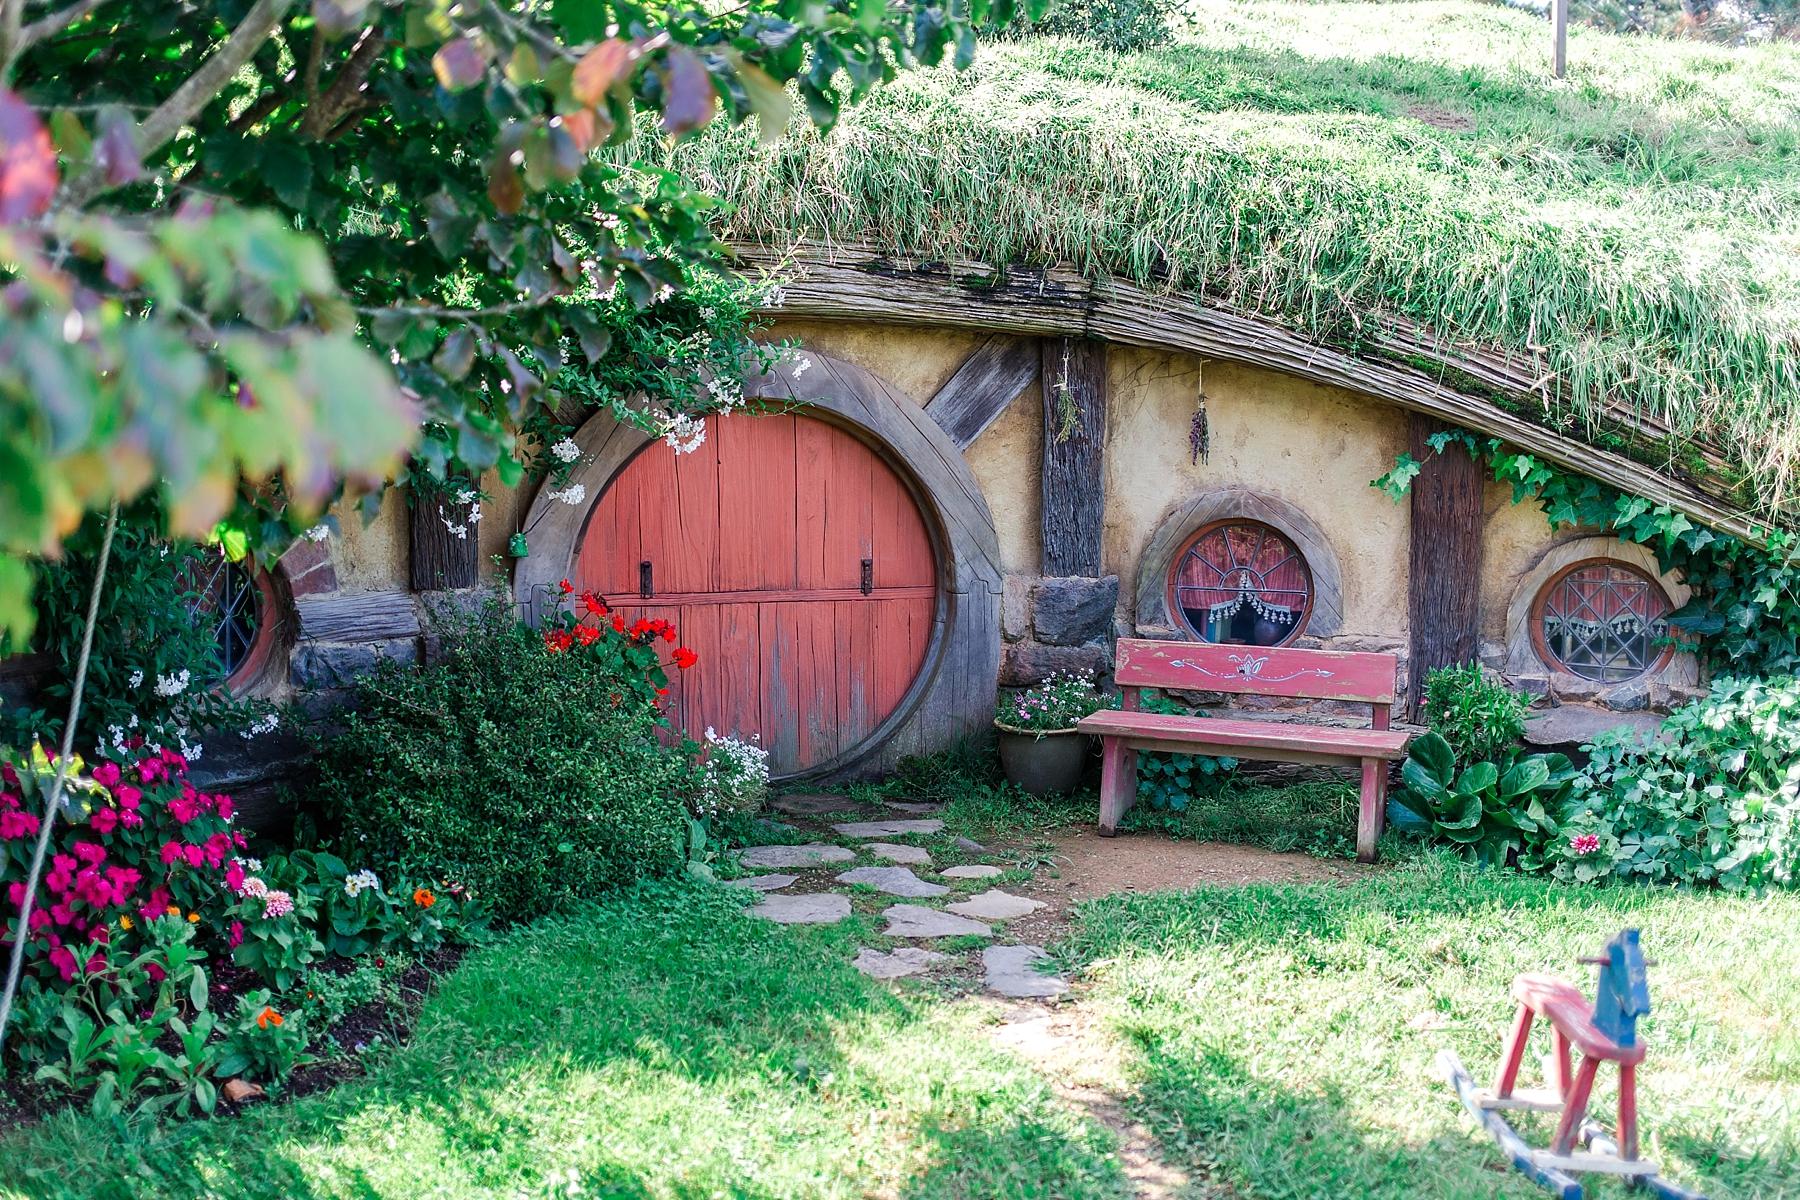 hobbiton-movie-set-matamata-hamilton-north-island-new-zealand-scenery_0242.jpg